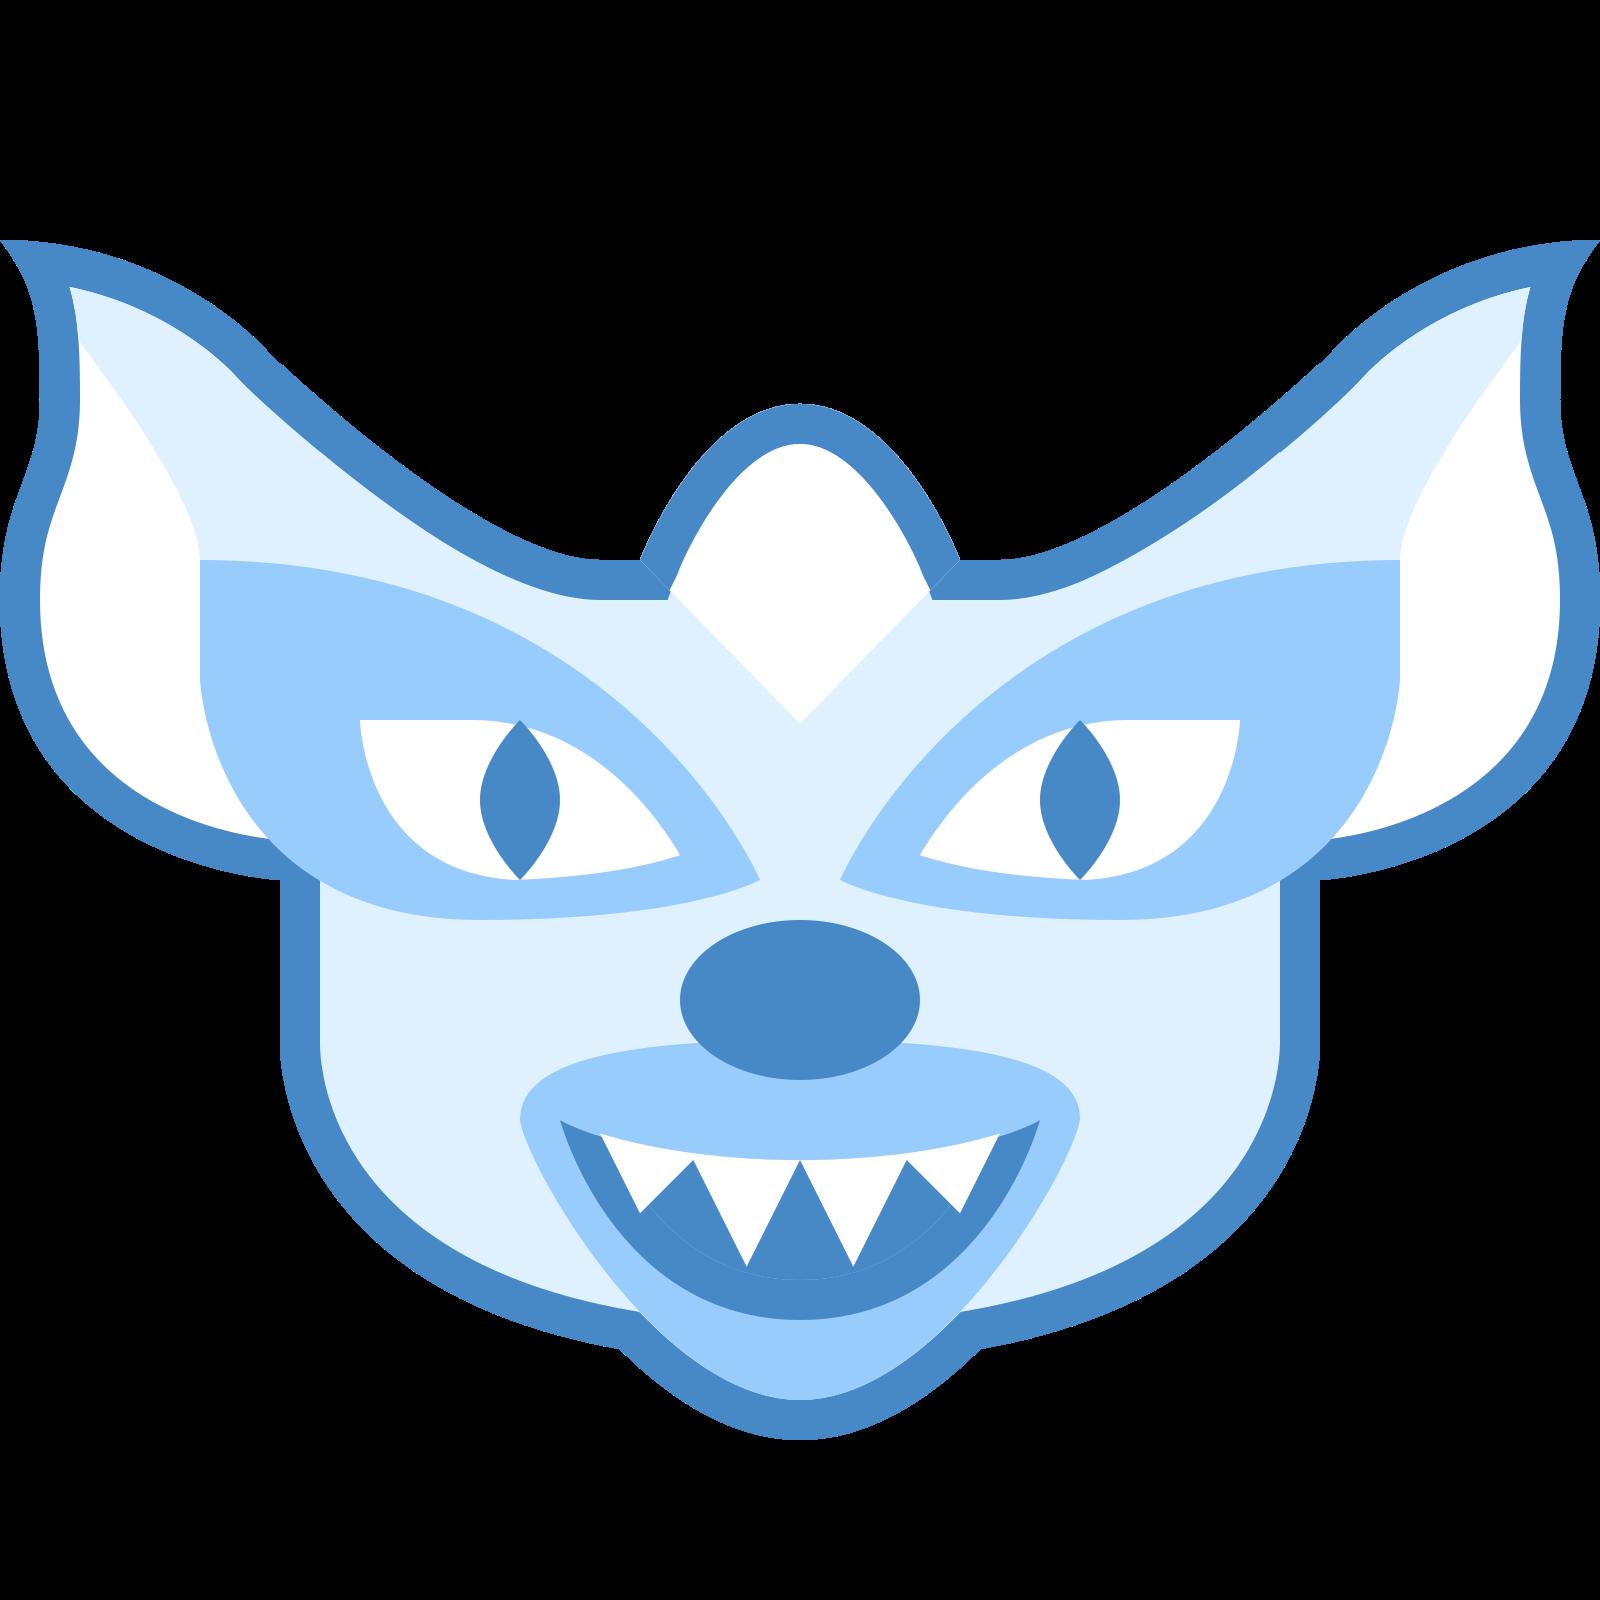 Gremlin icon